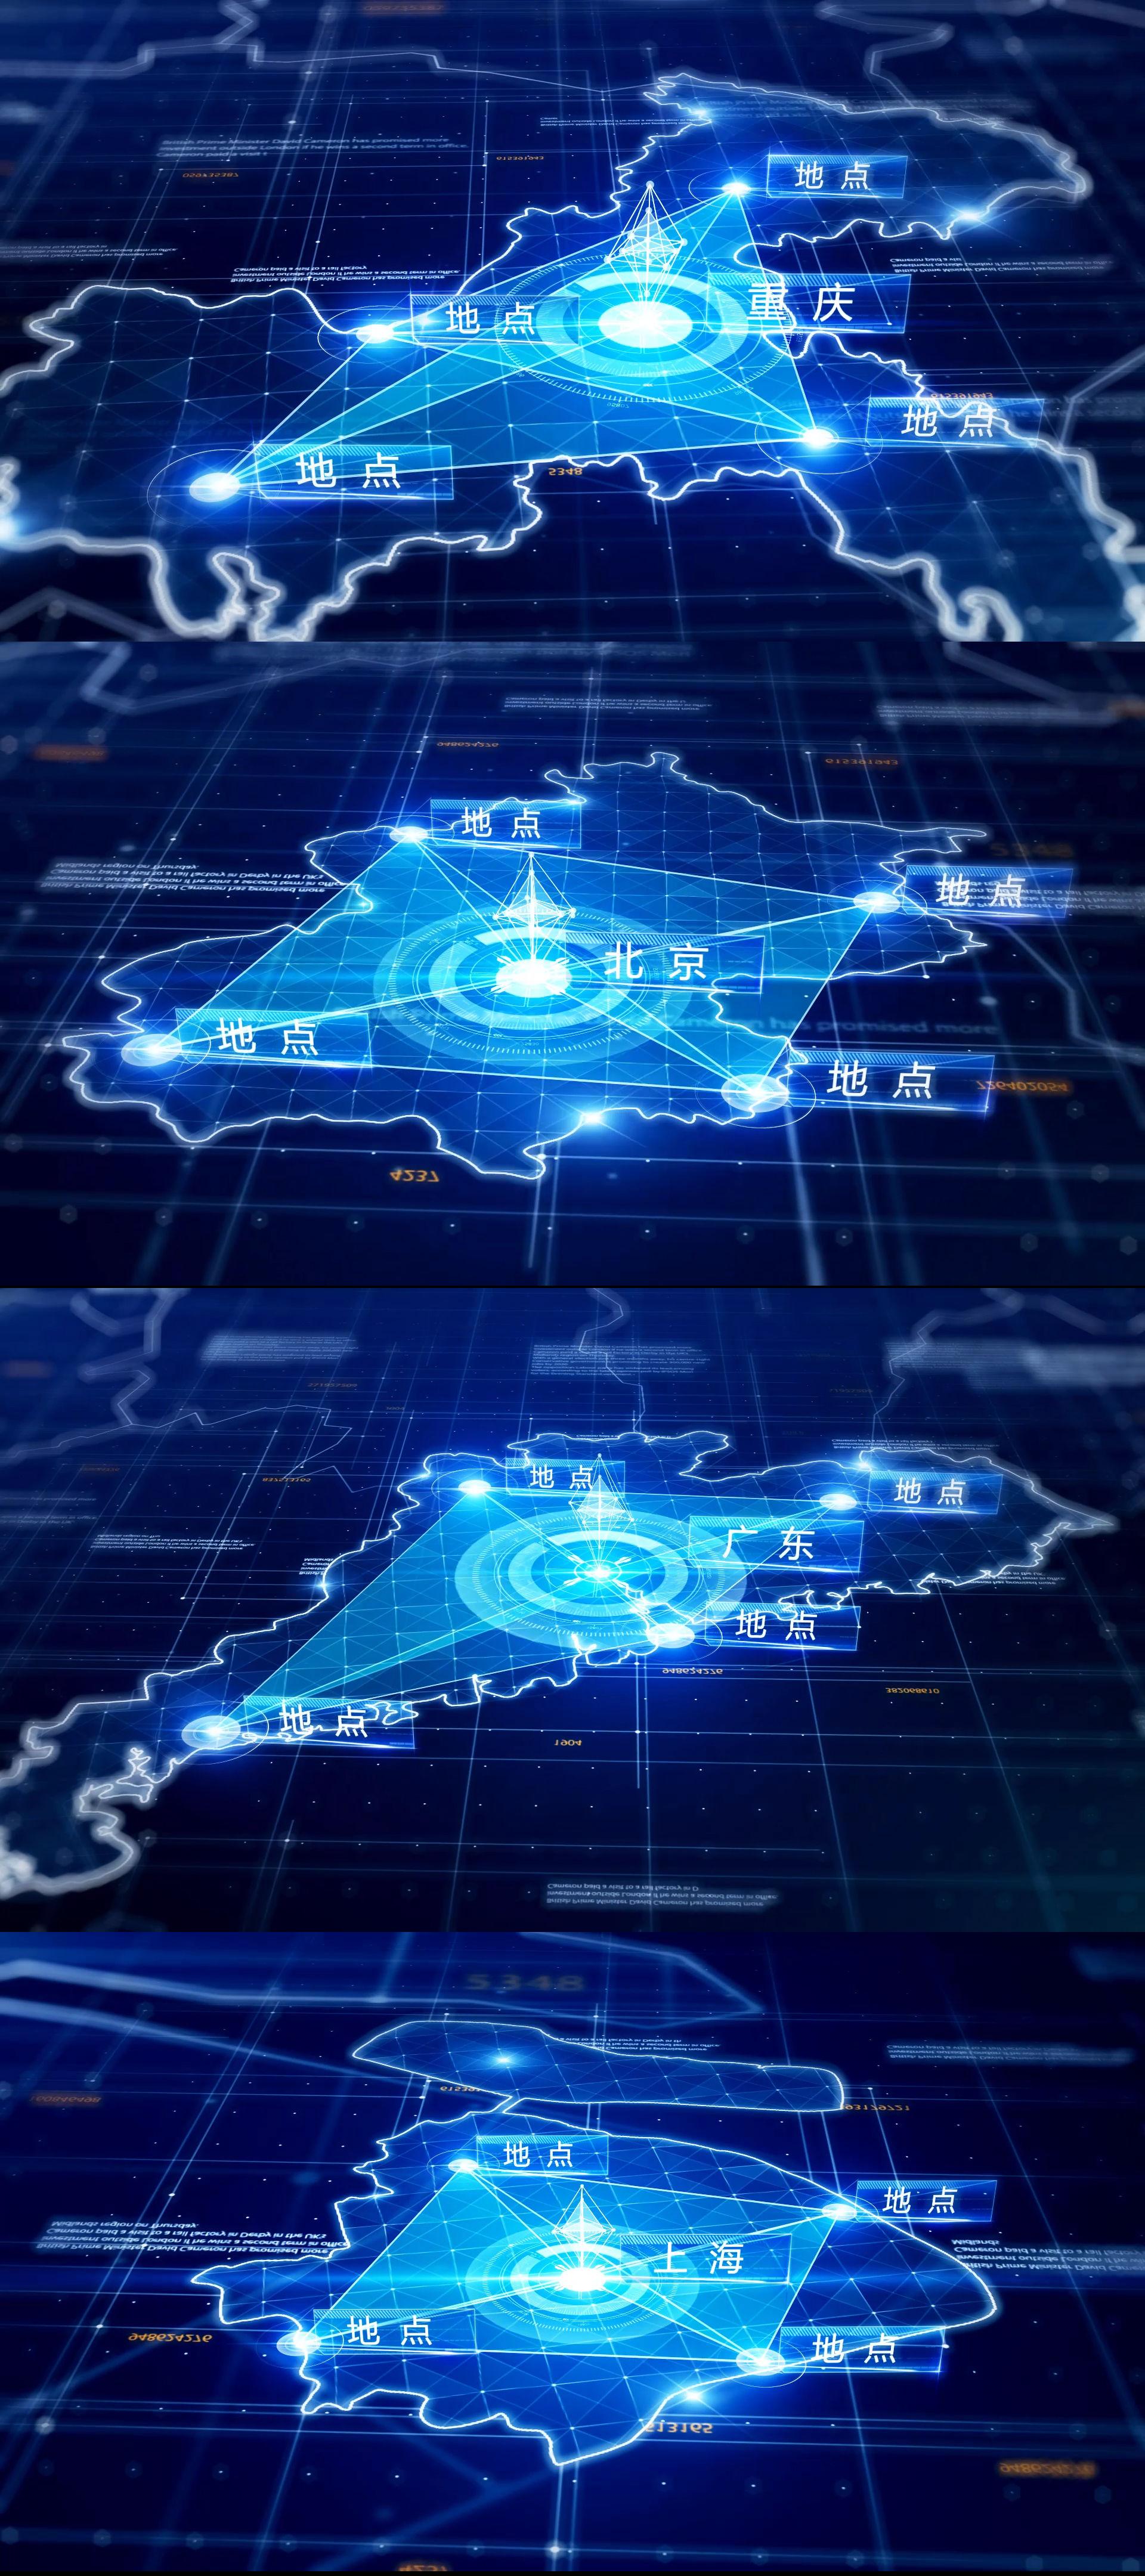 高科技中国地图位置展示